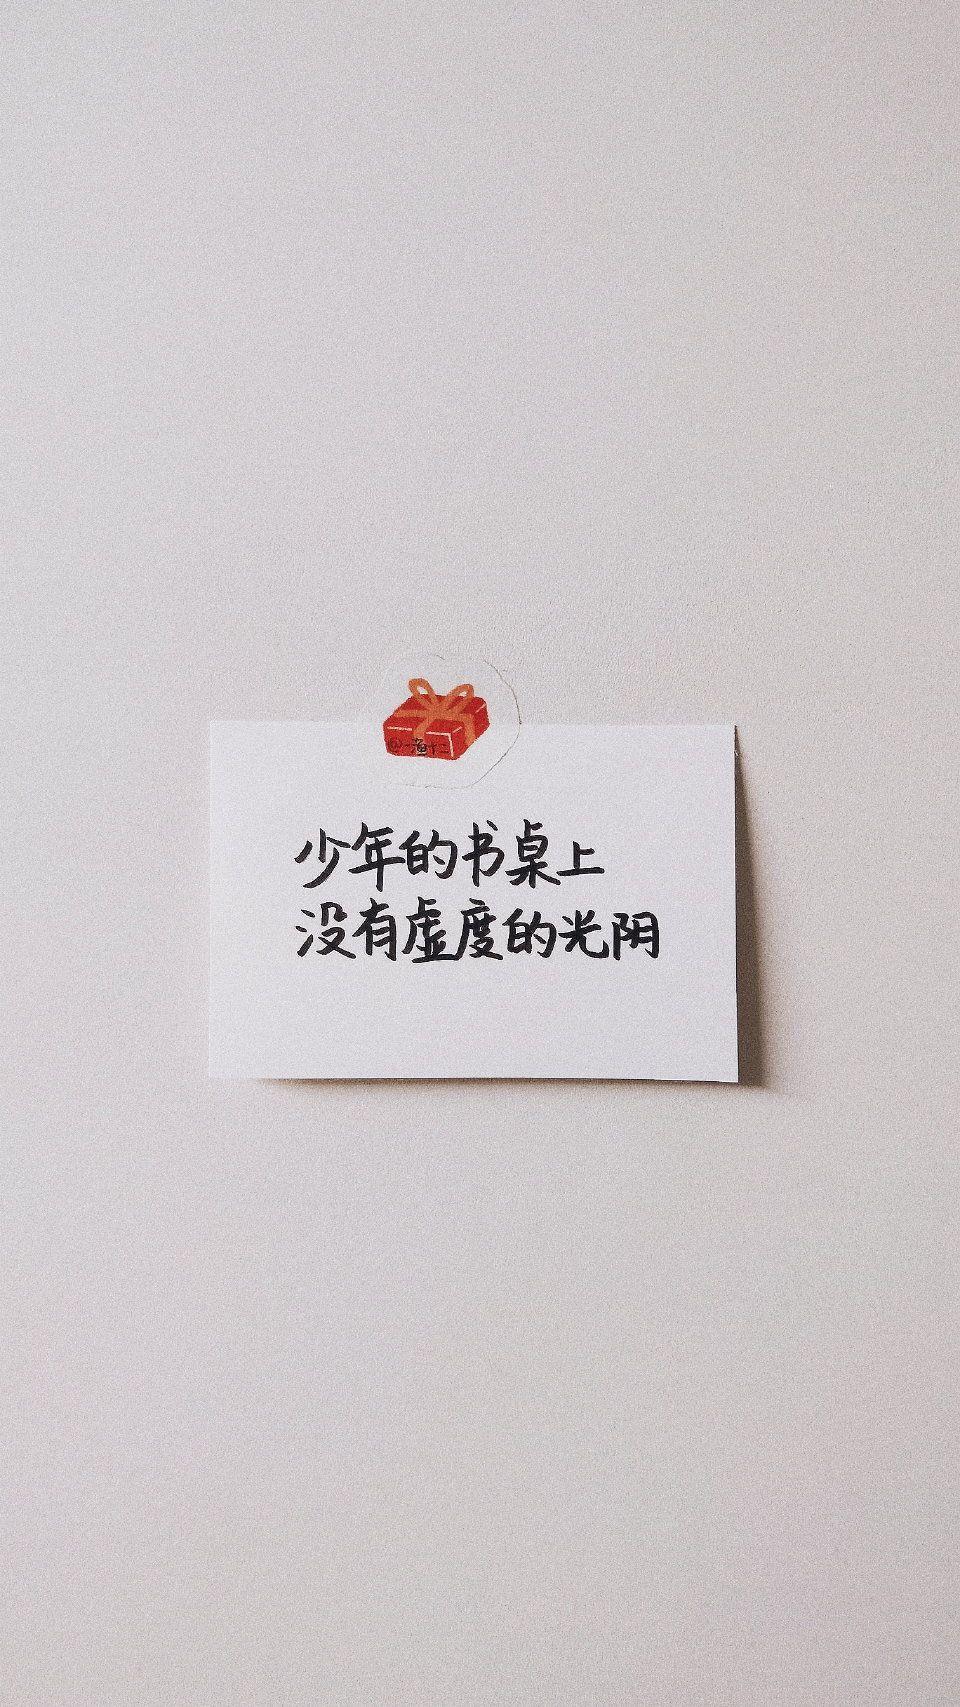 看色_有什么一看就让人励志(努力奋斗)的图片或壁纸?? - 知乎